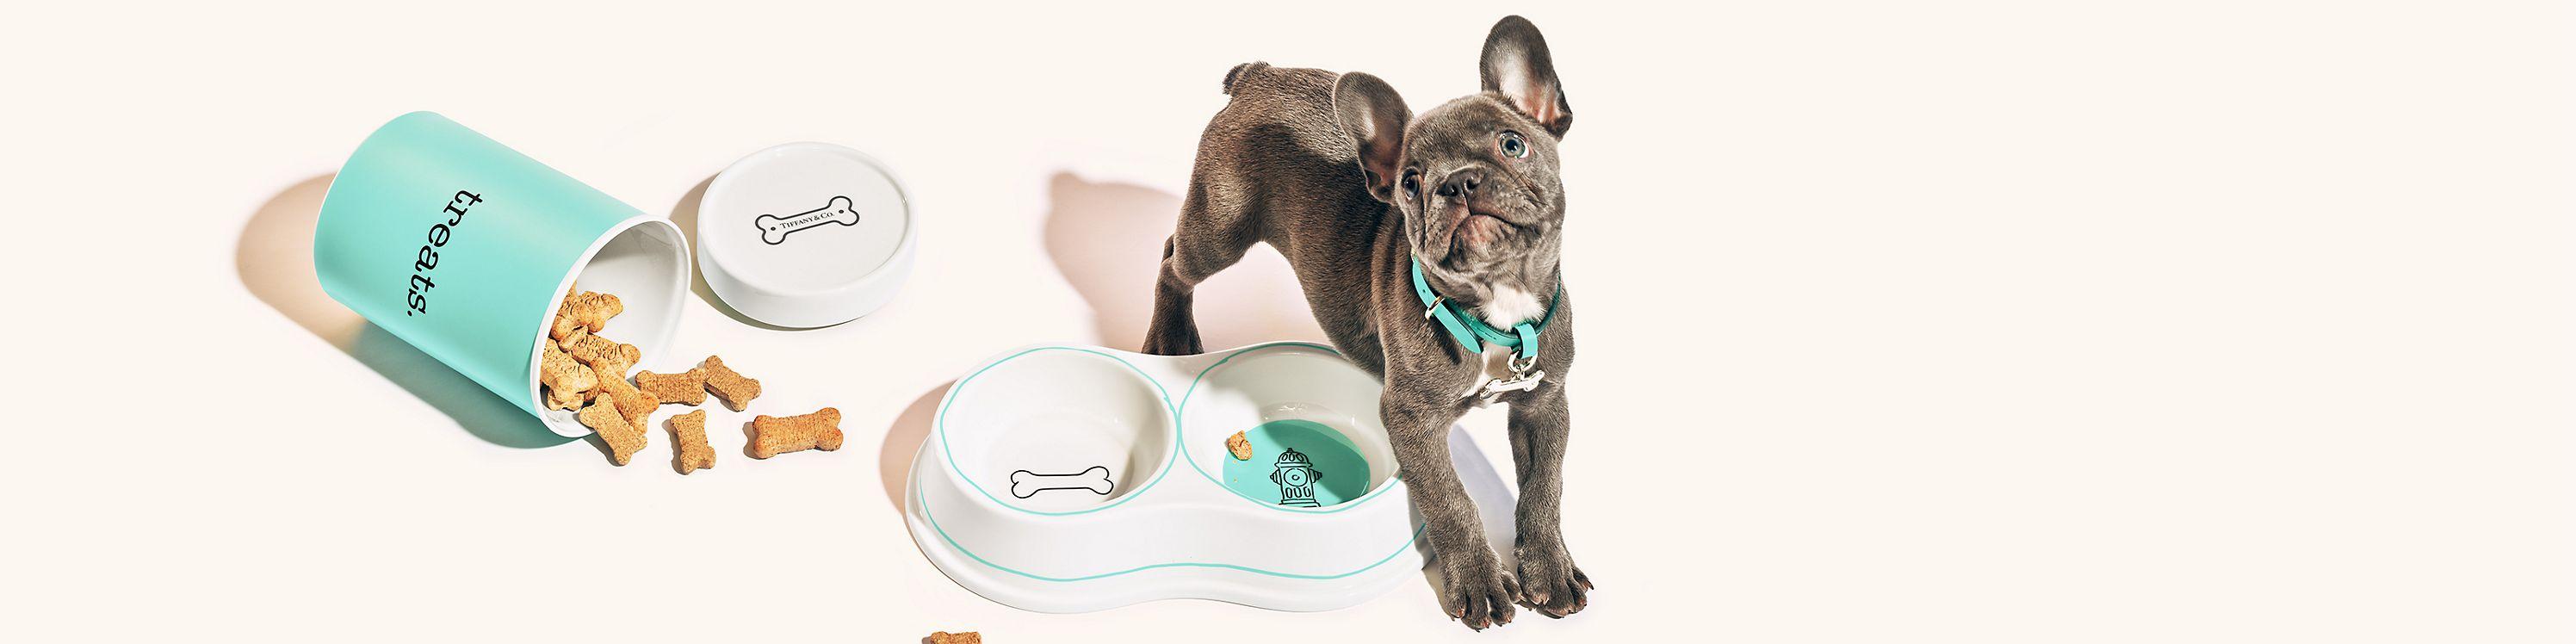 Shop Tiffany Pet Accessories